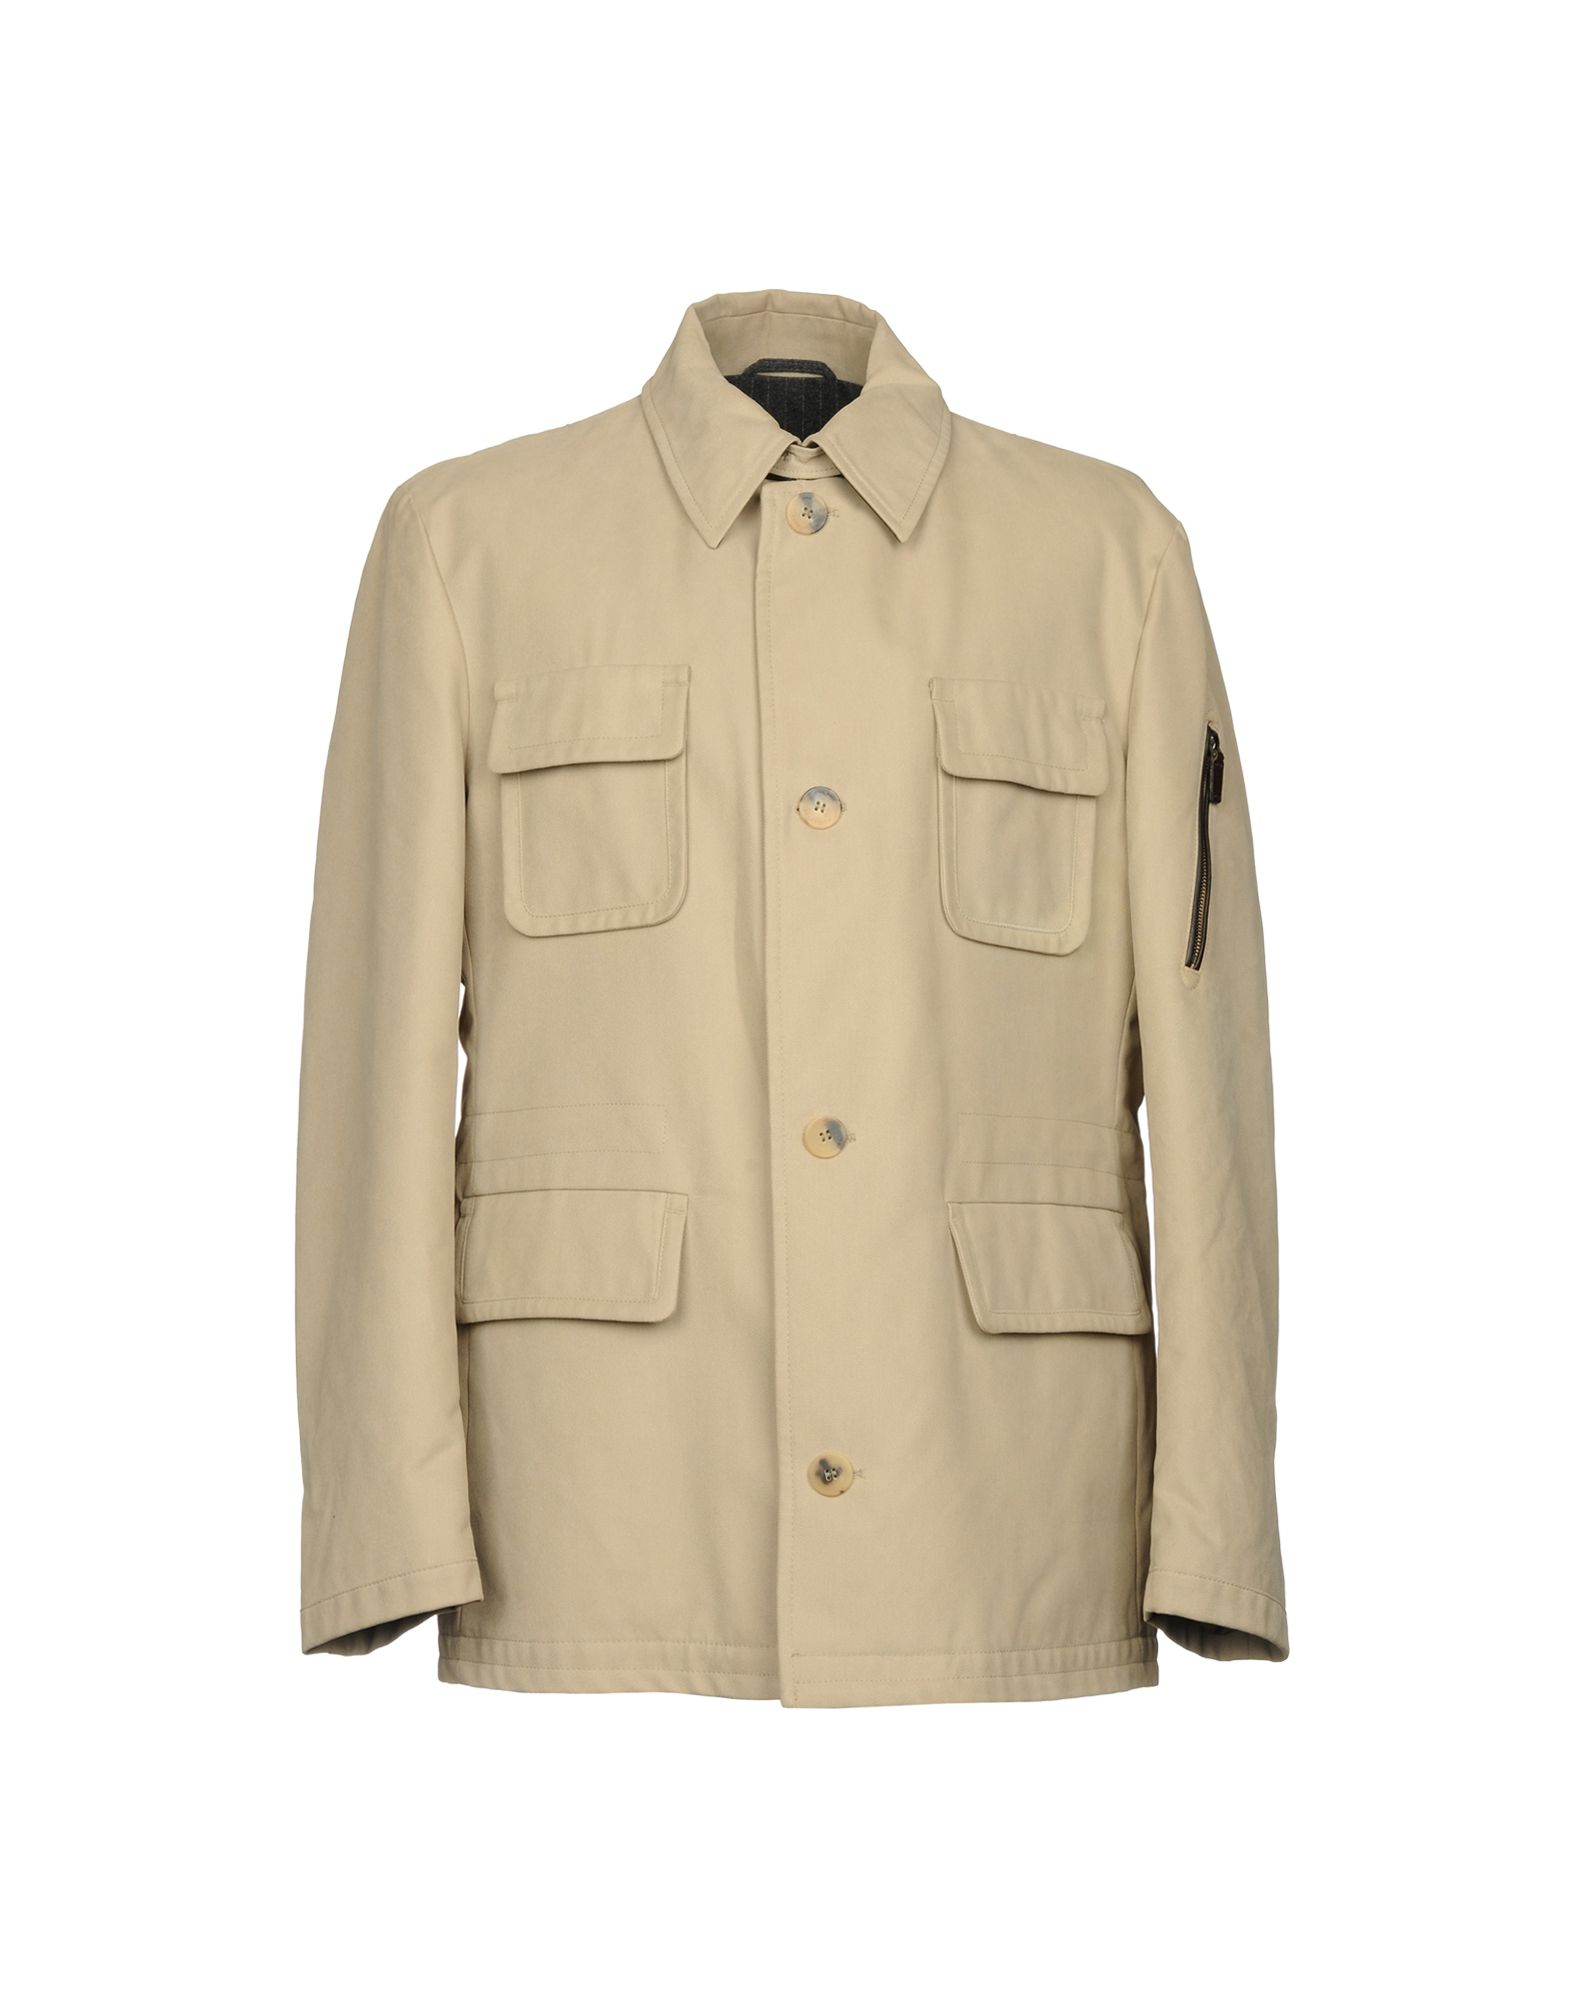 BOSS BLACK Легкое пальто фильтр на приус 23300 74330